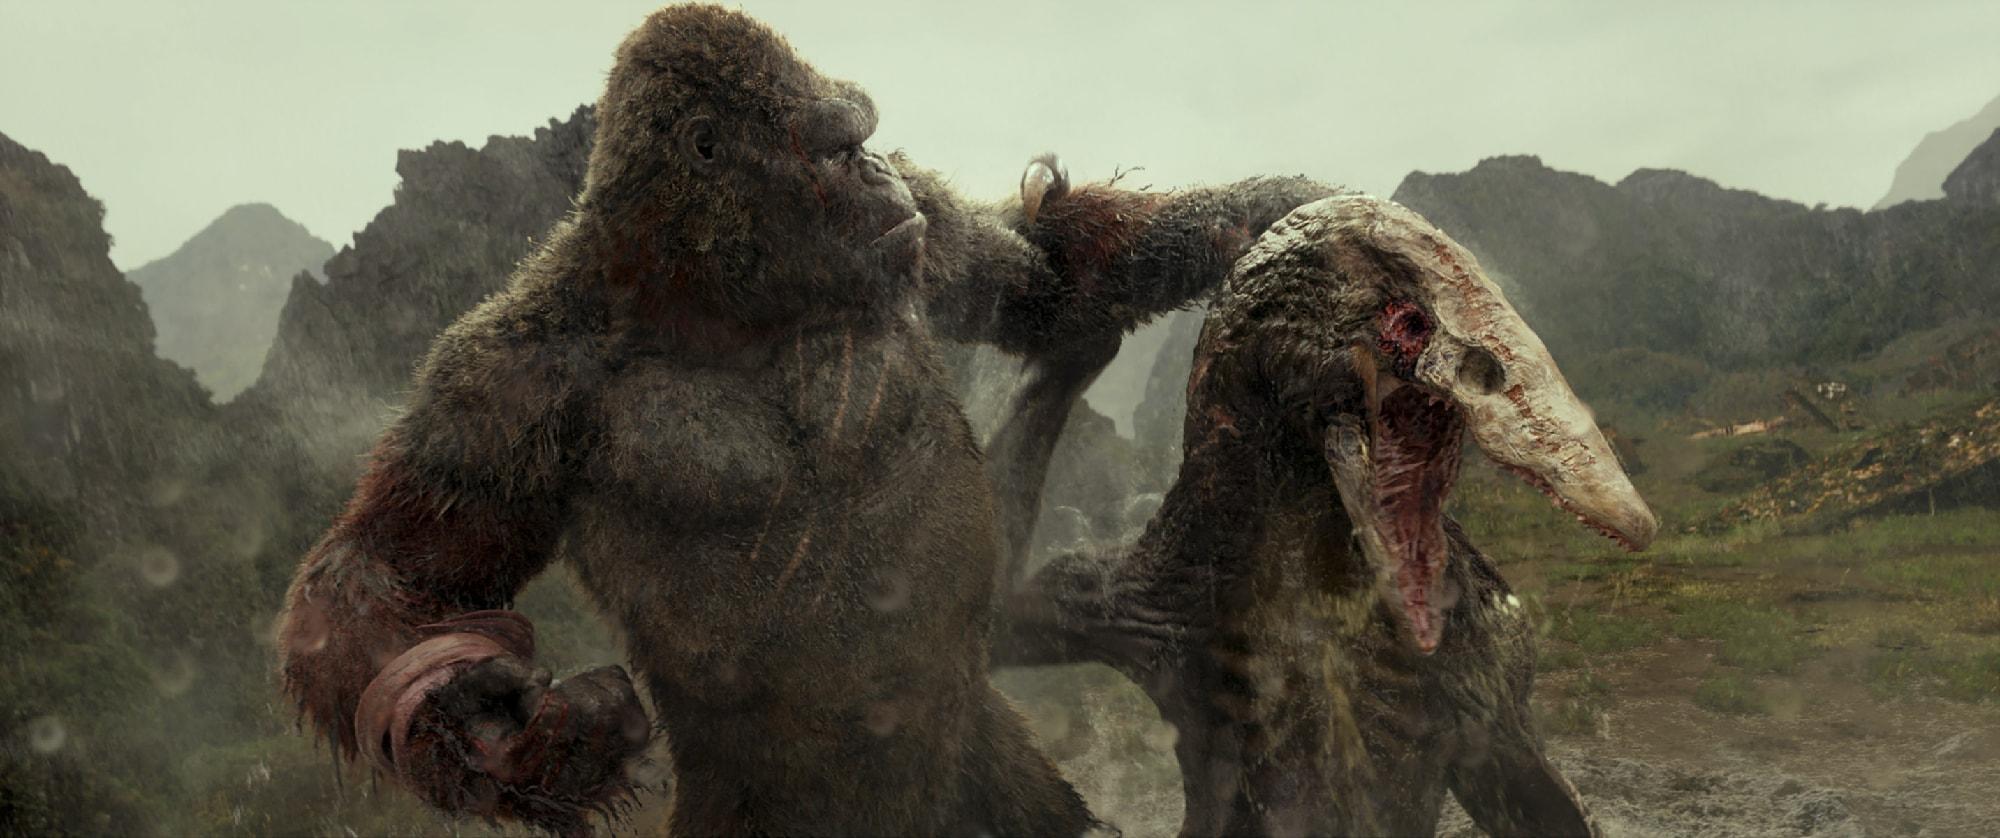 ILM creatures on Kongu2019s Skull Island : fxguide